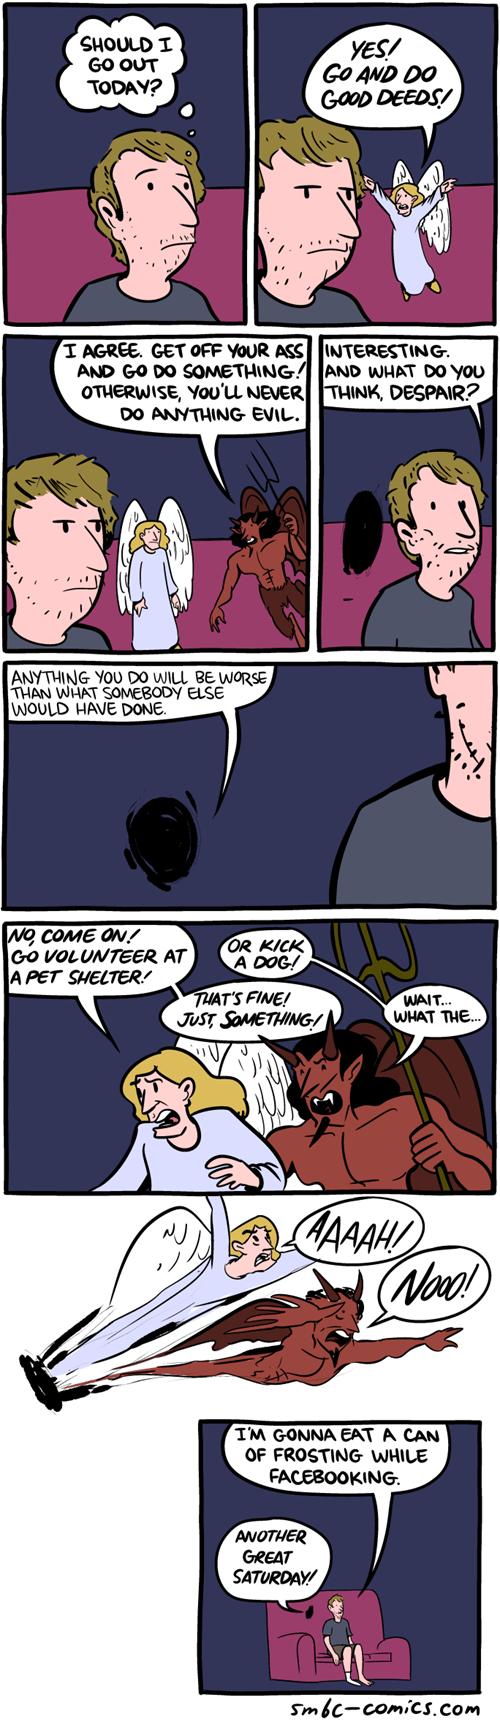 devils,apathy,deeds,angels,sad but true,web comics